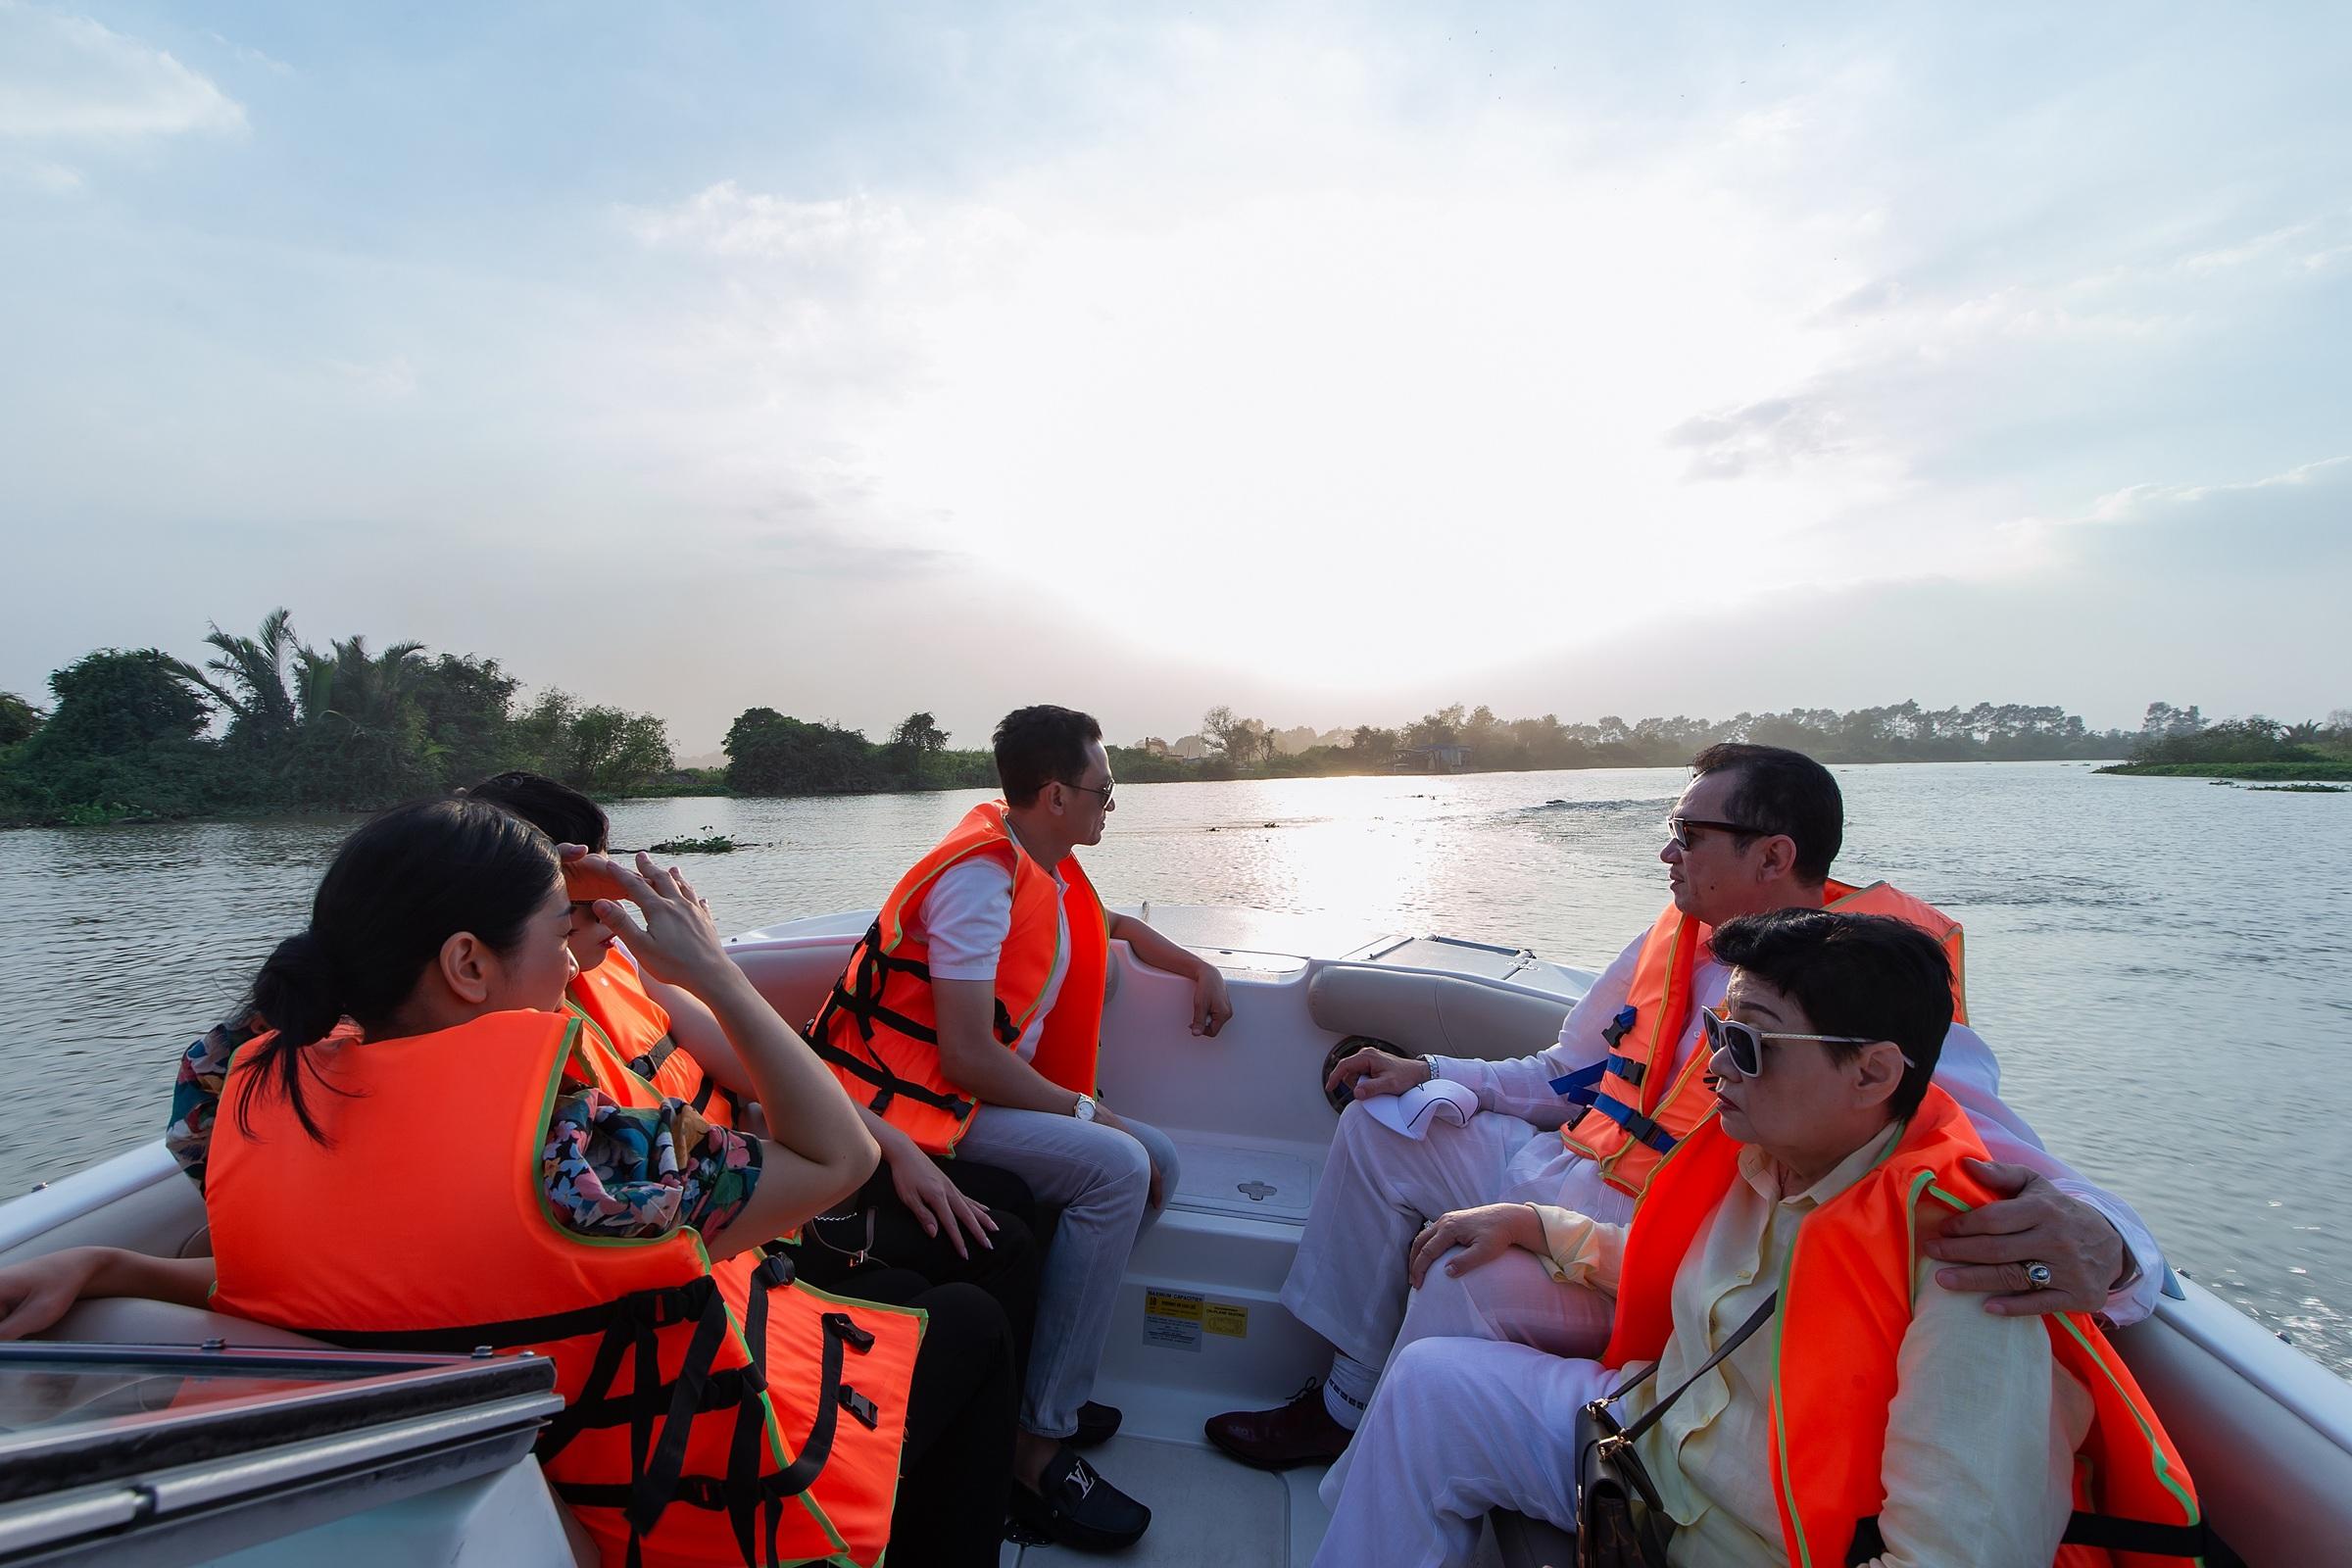 Với tour tham quan bằng đường sông, khách hàng sẽ có cơ hội trải nghiệm trọn vẹn giá trị sống sinh thái và giá trị kết nối hạ tầng đa dạng của đô thị đảo Phượng Hoàng, Aqua City. Ảnh: Novaland.